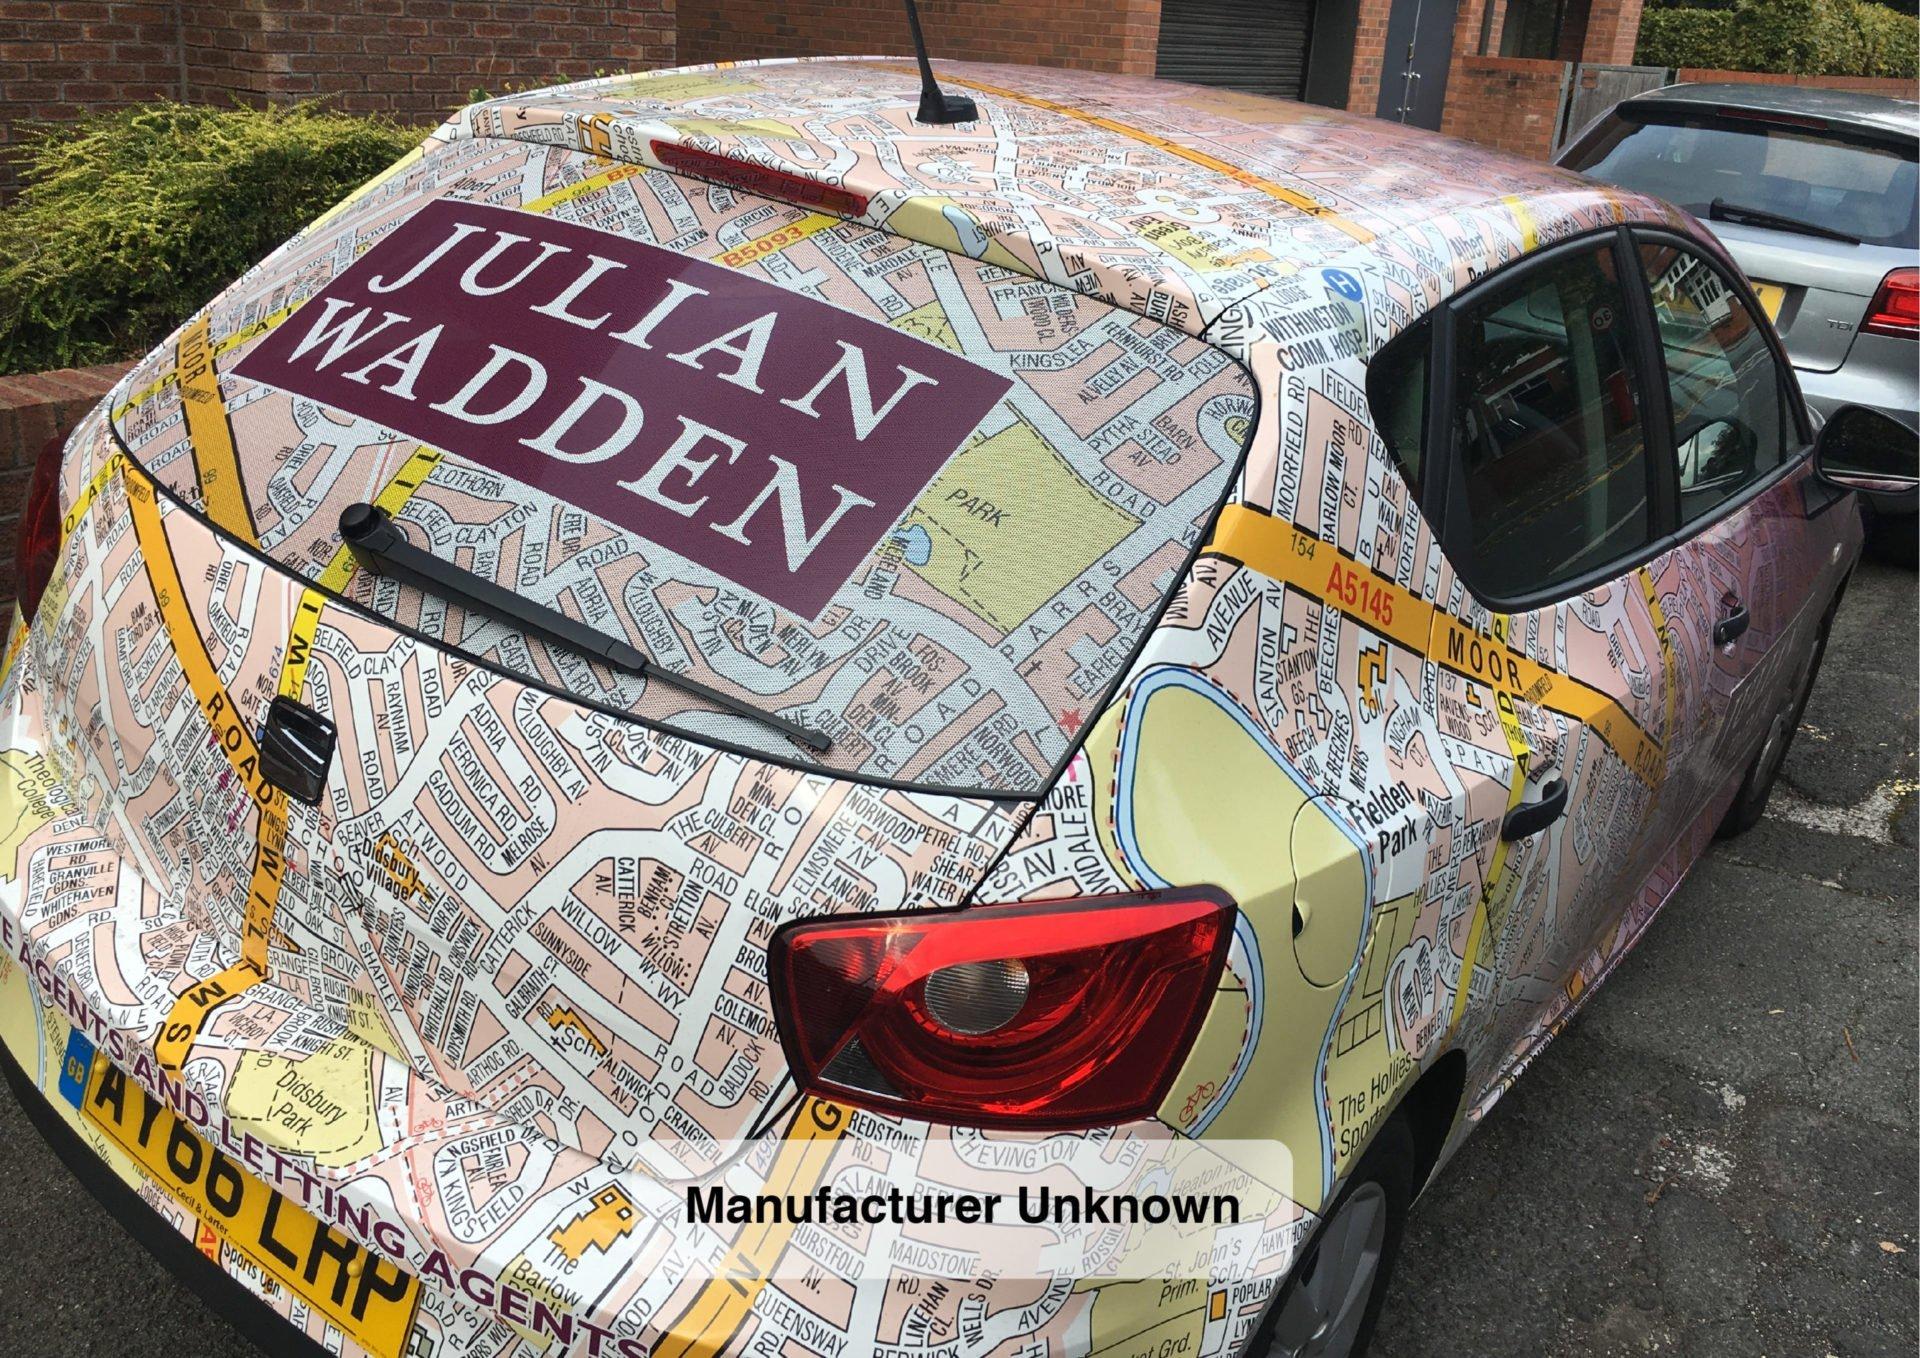 julian-wadden-estate-agents-rear-car-wrap